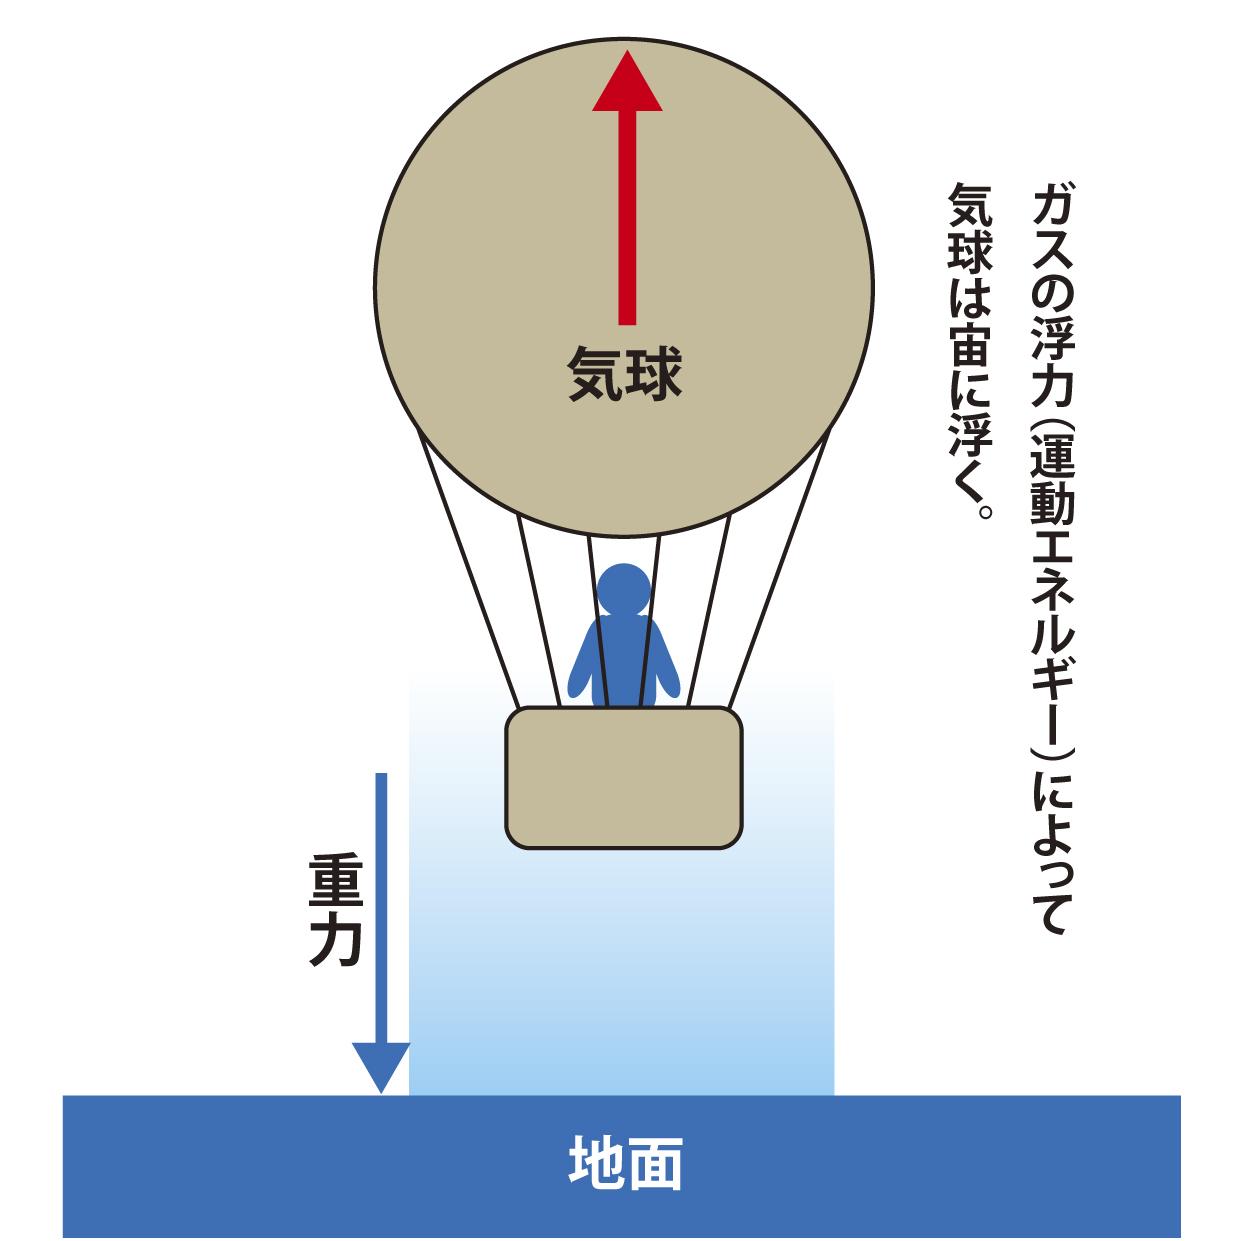 気球の図解